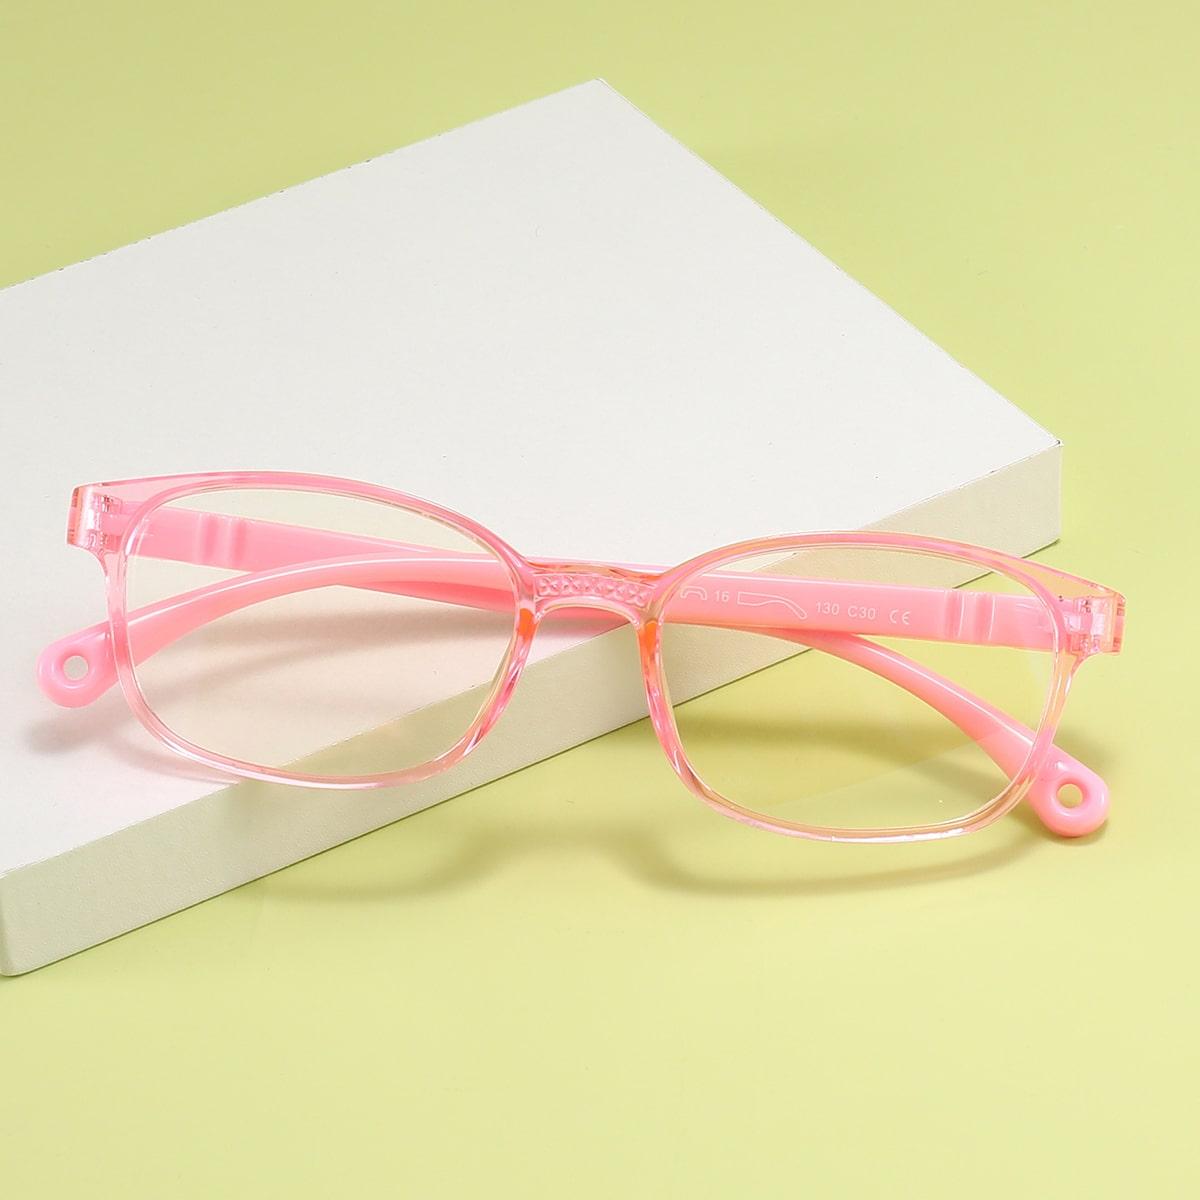 Очки с защитой от синего света в геометрической оправе для девочек